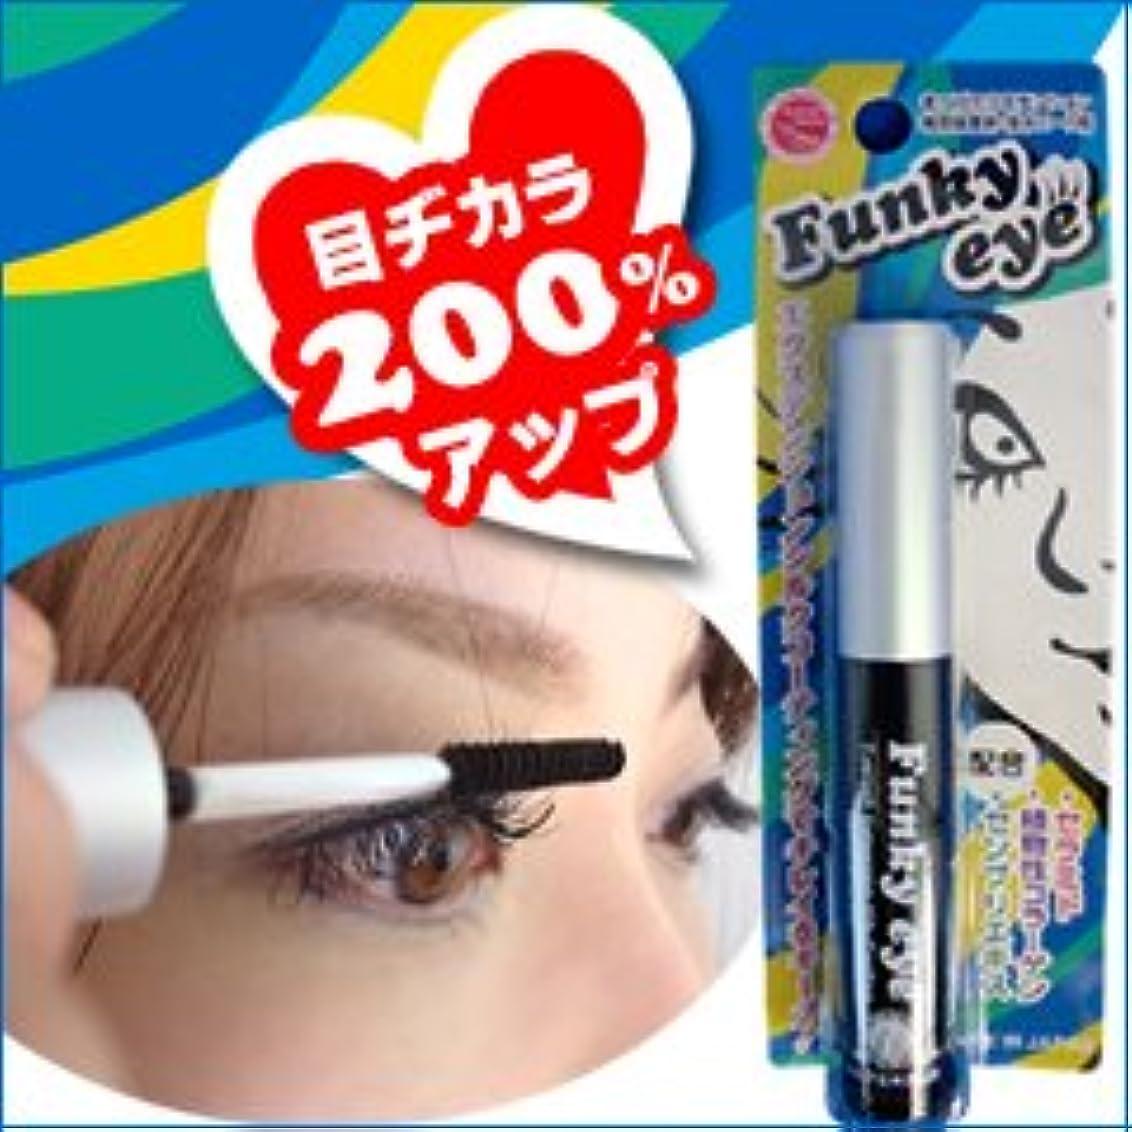 昆虫腐ったアナニバーFunky eye マスカラコートEX〈コーティング剤〉